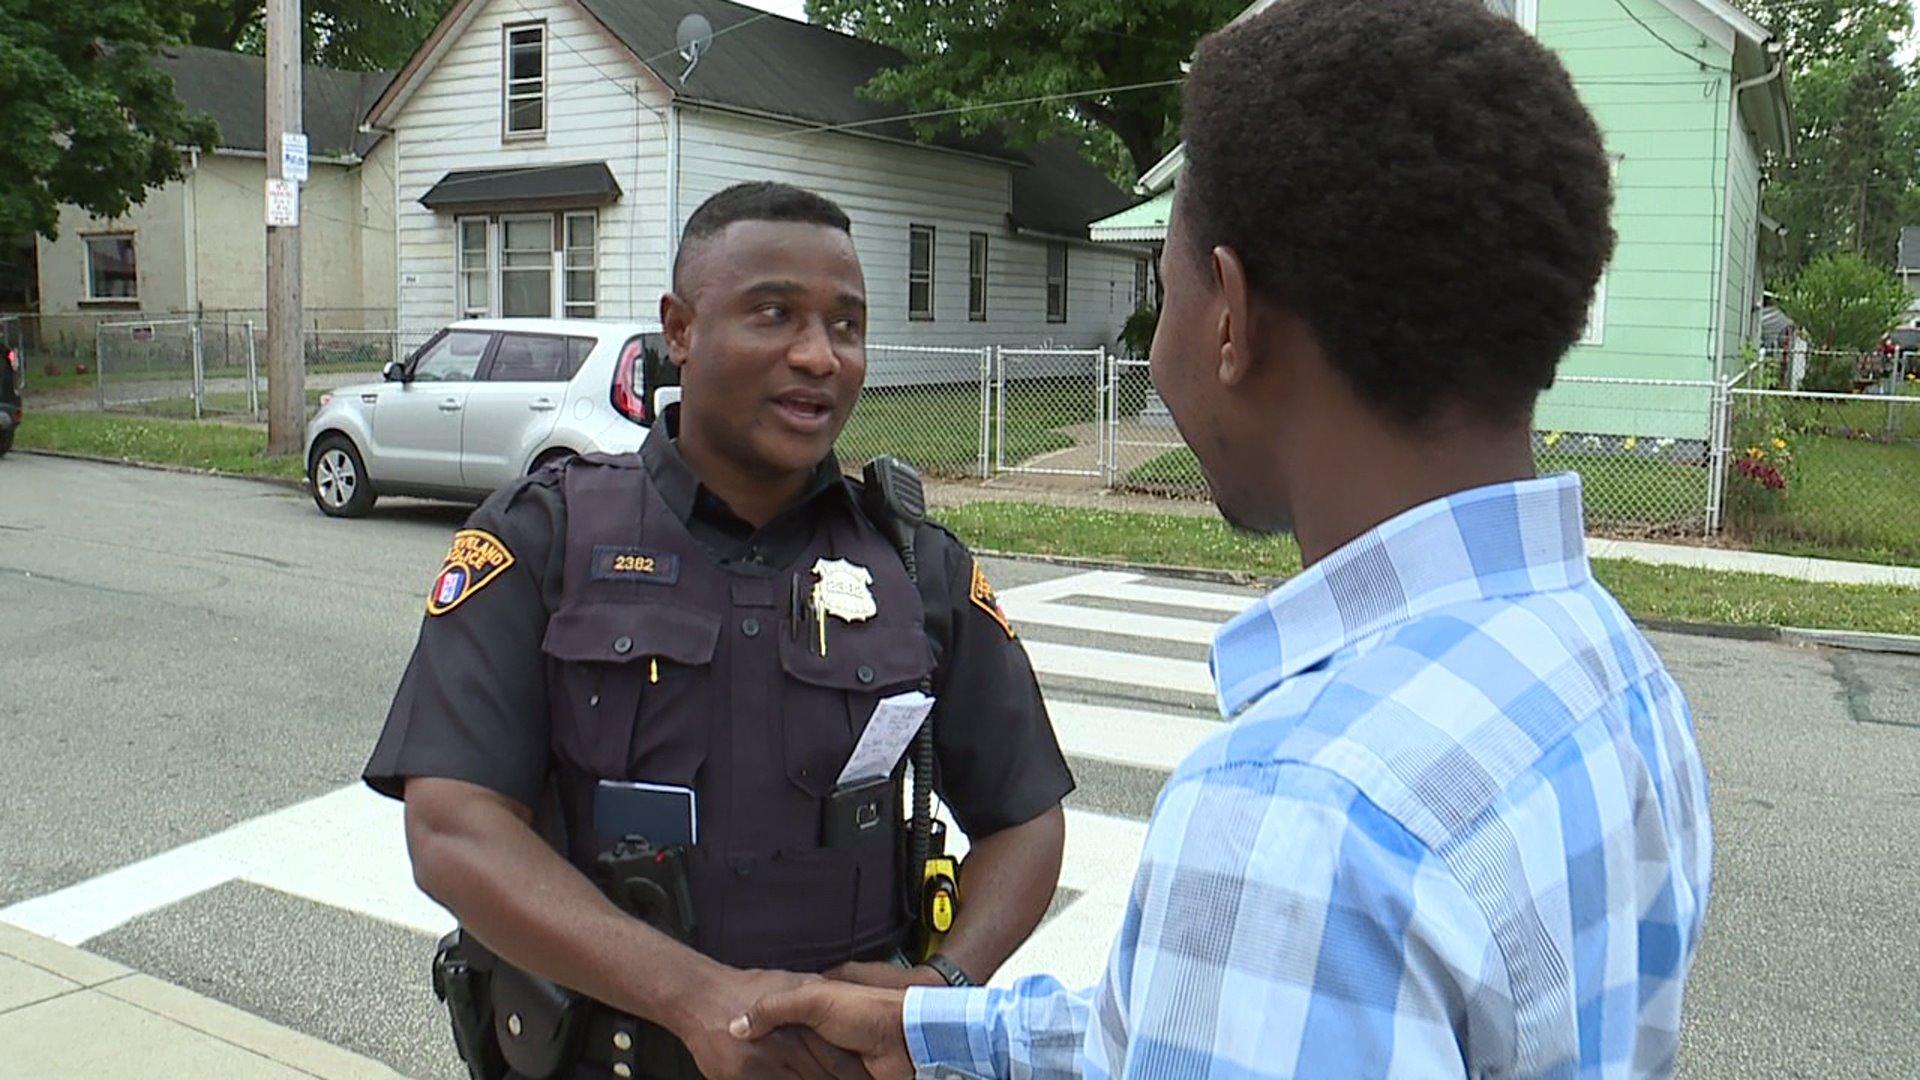 Somali Refugee Becomes Cleveland Police Officer